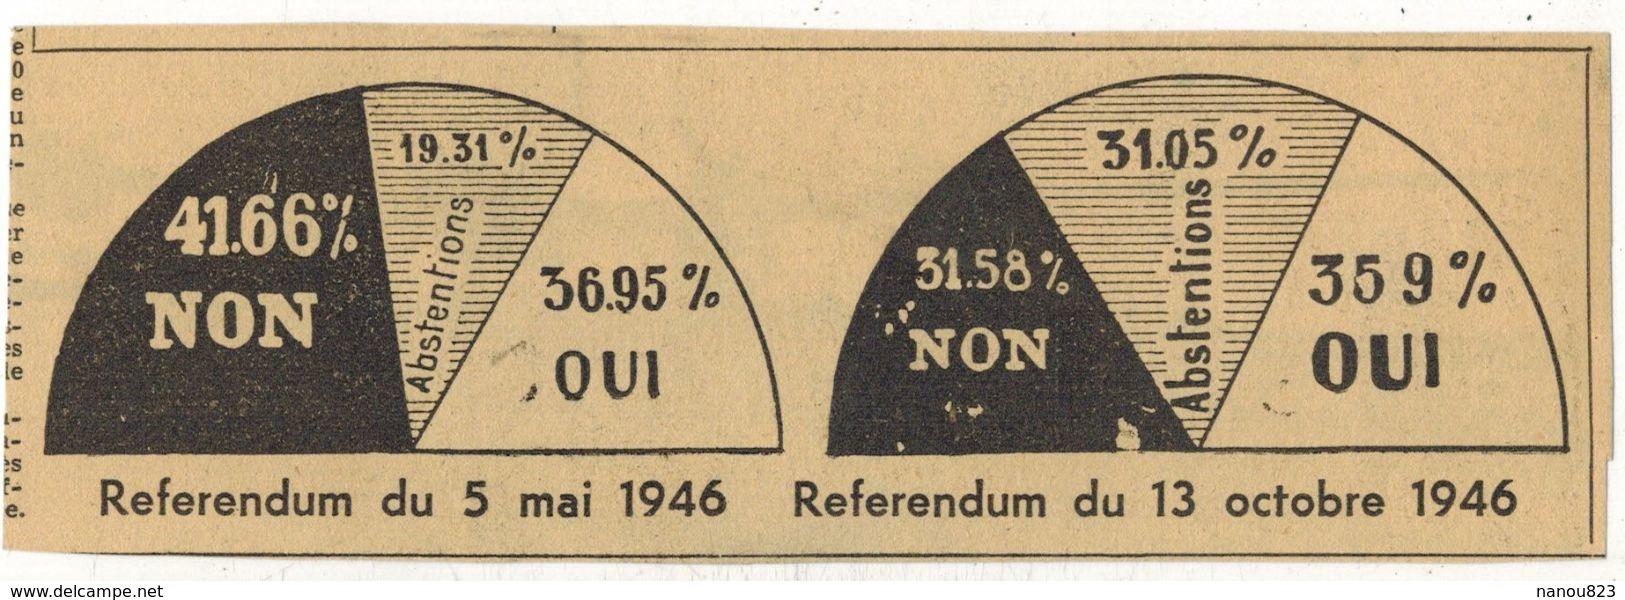 ANNEE 1946 POLITIQUE FRAGMENT Journal MIDI LIBRE Ed Narbonne Référendum 5 Et 13 Mai - Kranten